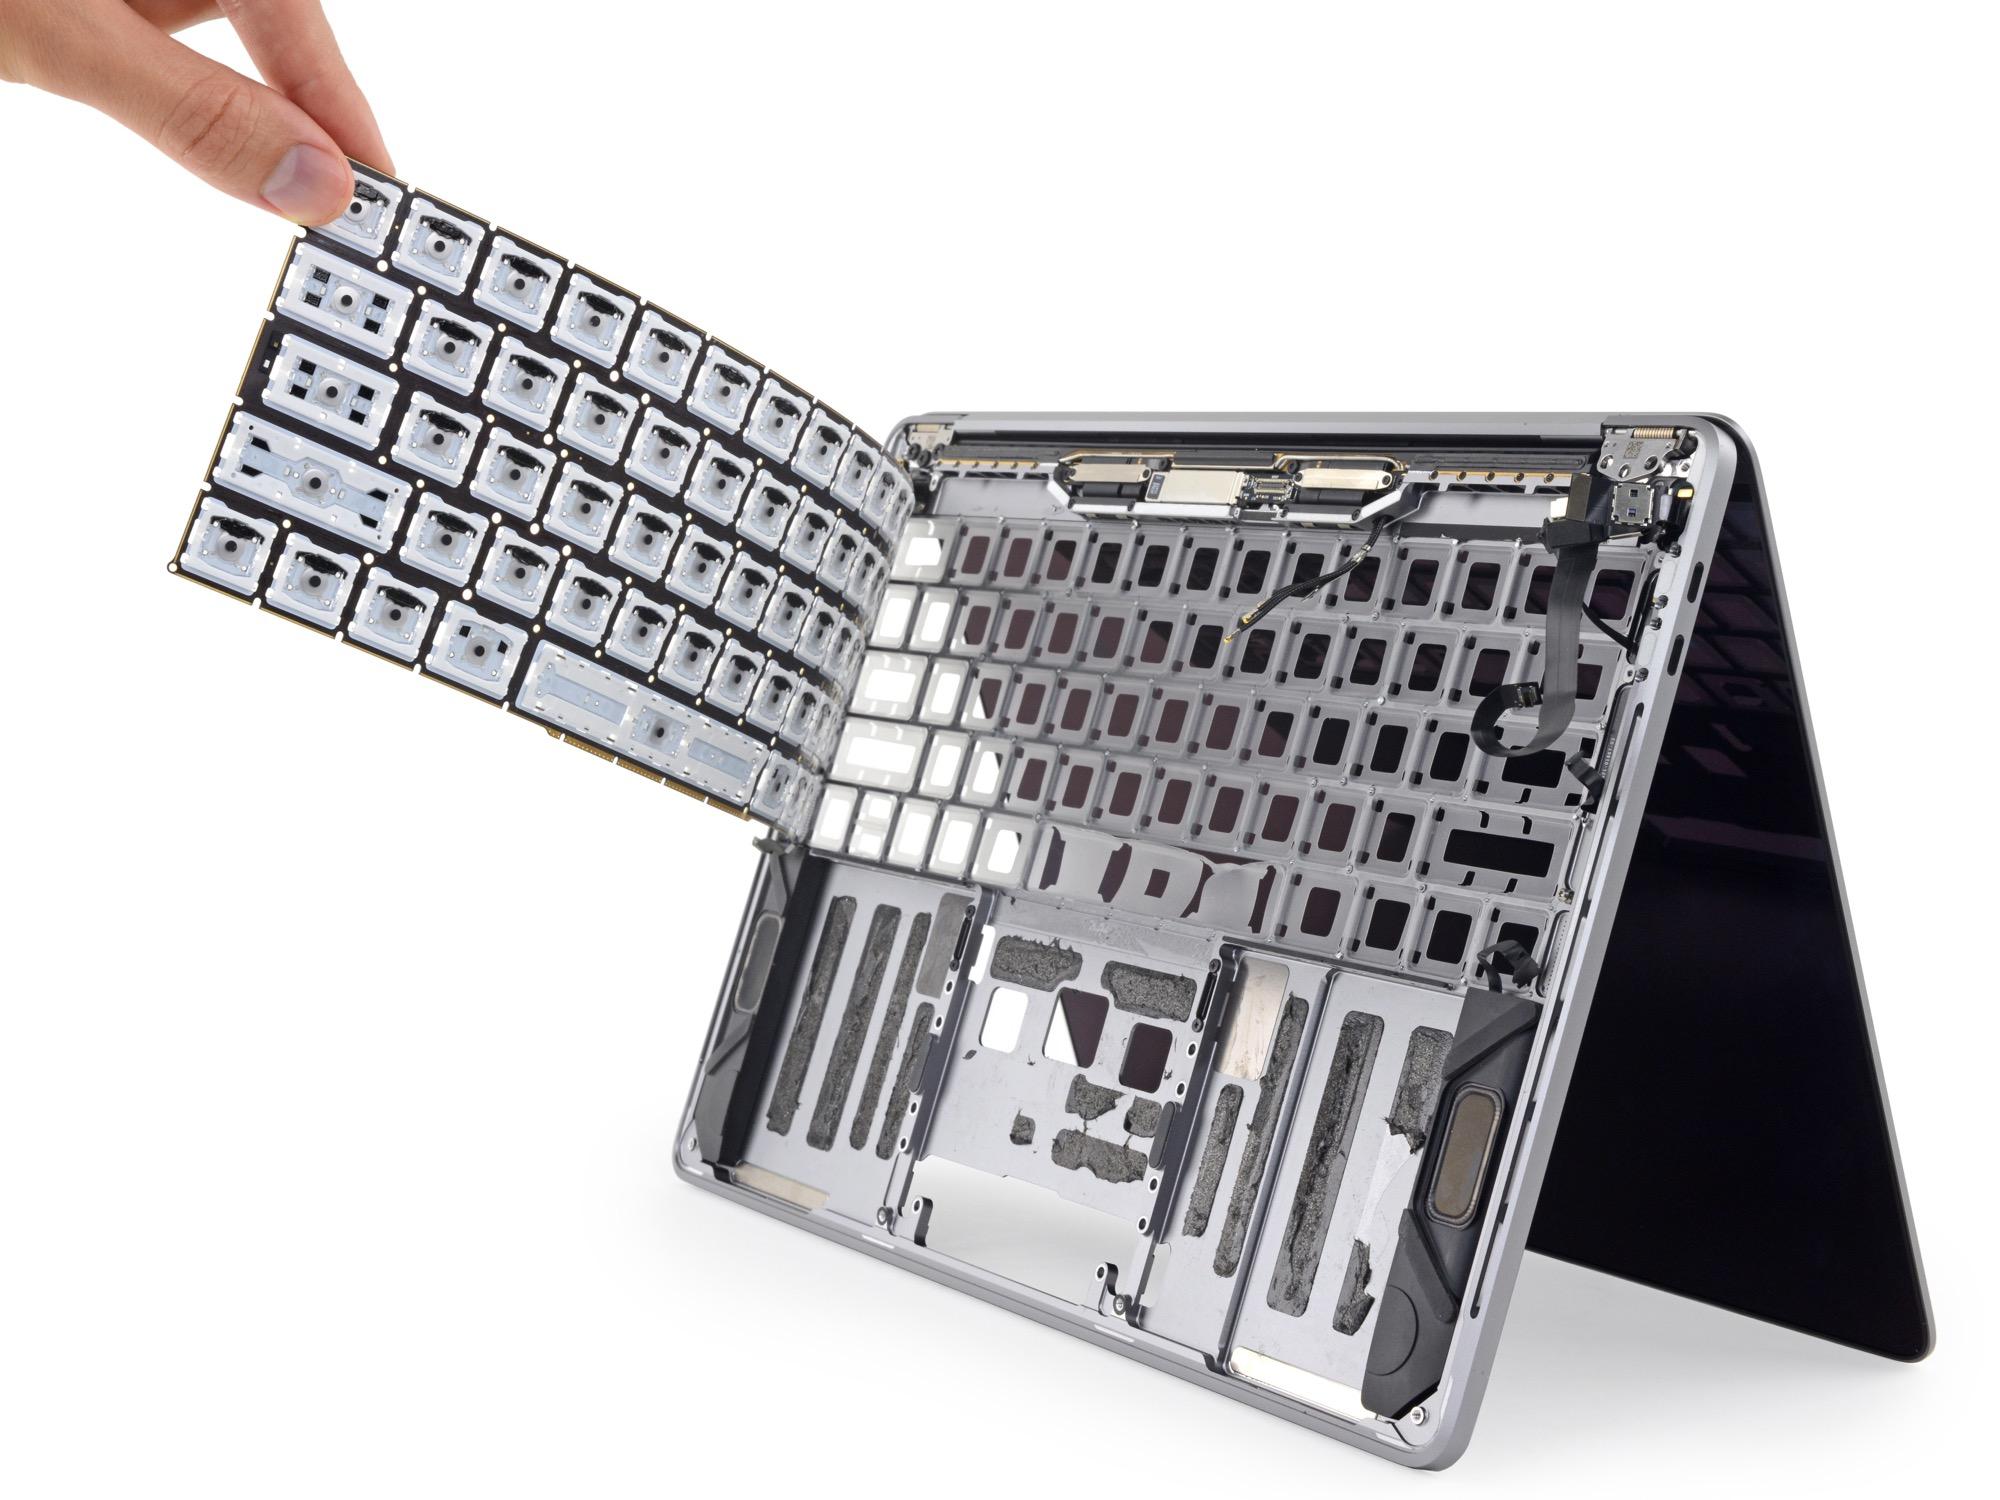 Tous les MacBook avec clavier papillon maintenant couverts par le programme de réparation (Màj) 4